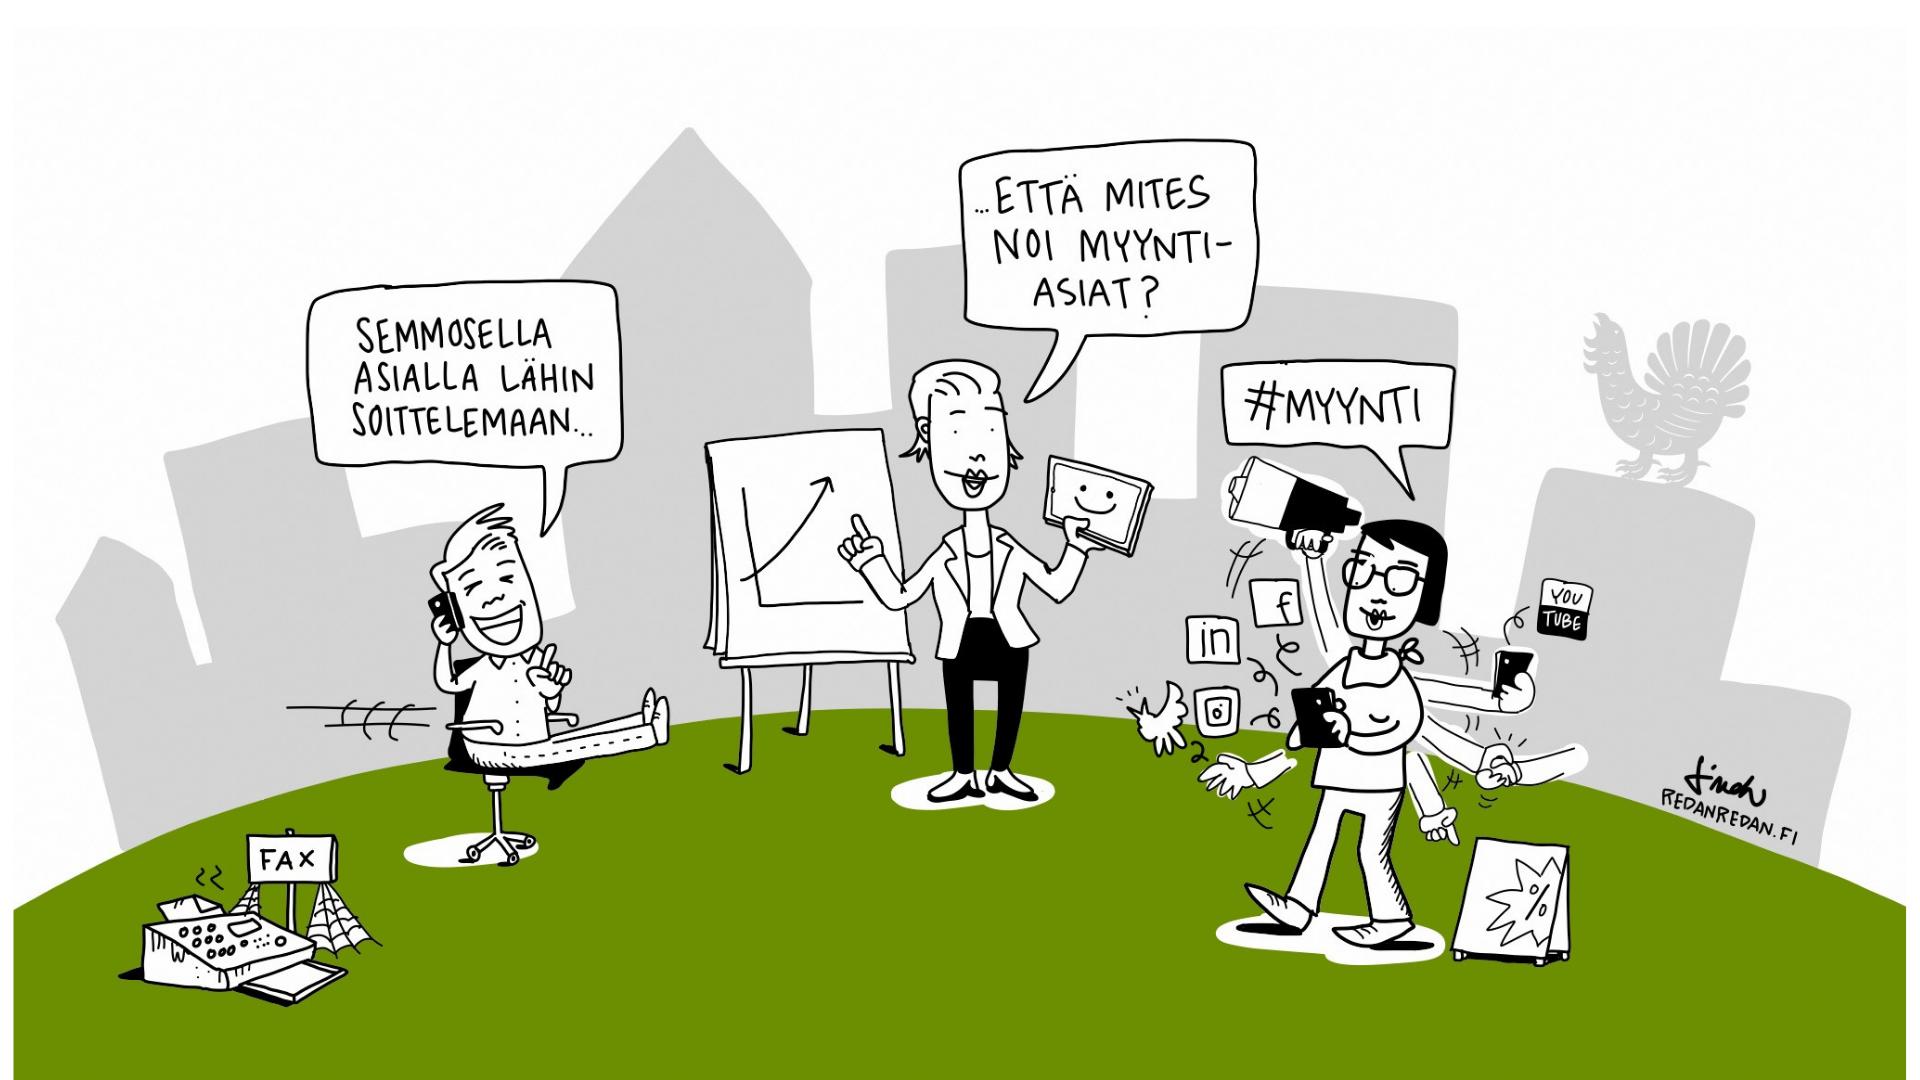 Pienyrittäjän MyyntiTreenit -hanke. Grafiikassa piirroshahmoja, jotka myyvät eri tavoilla.